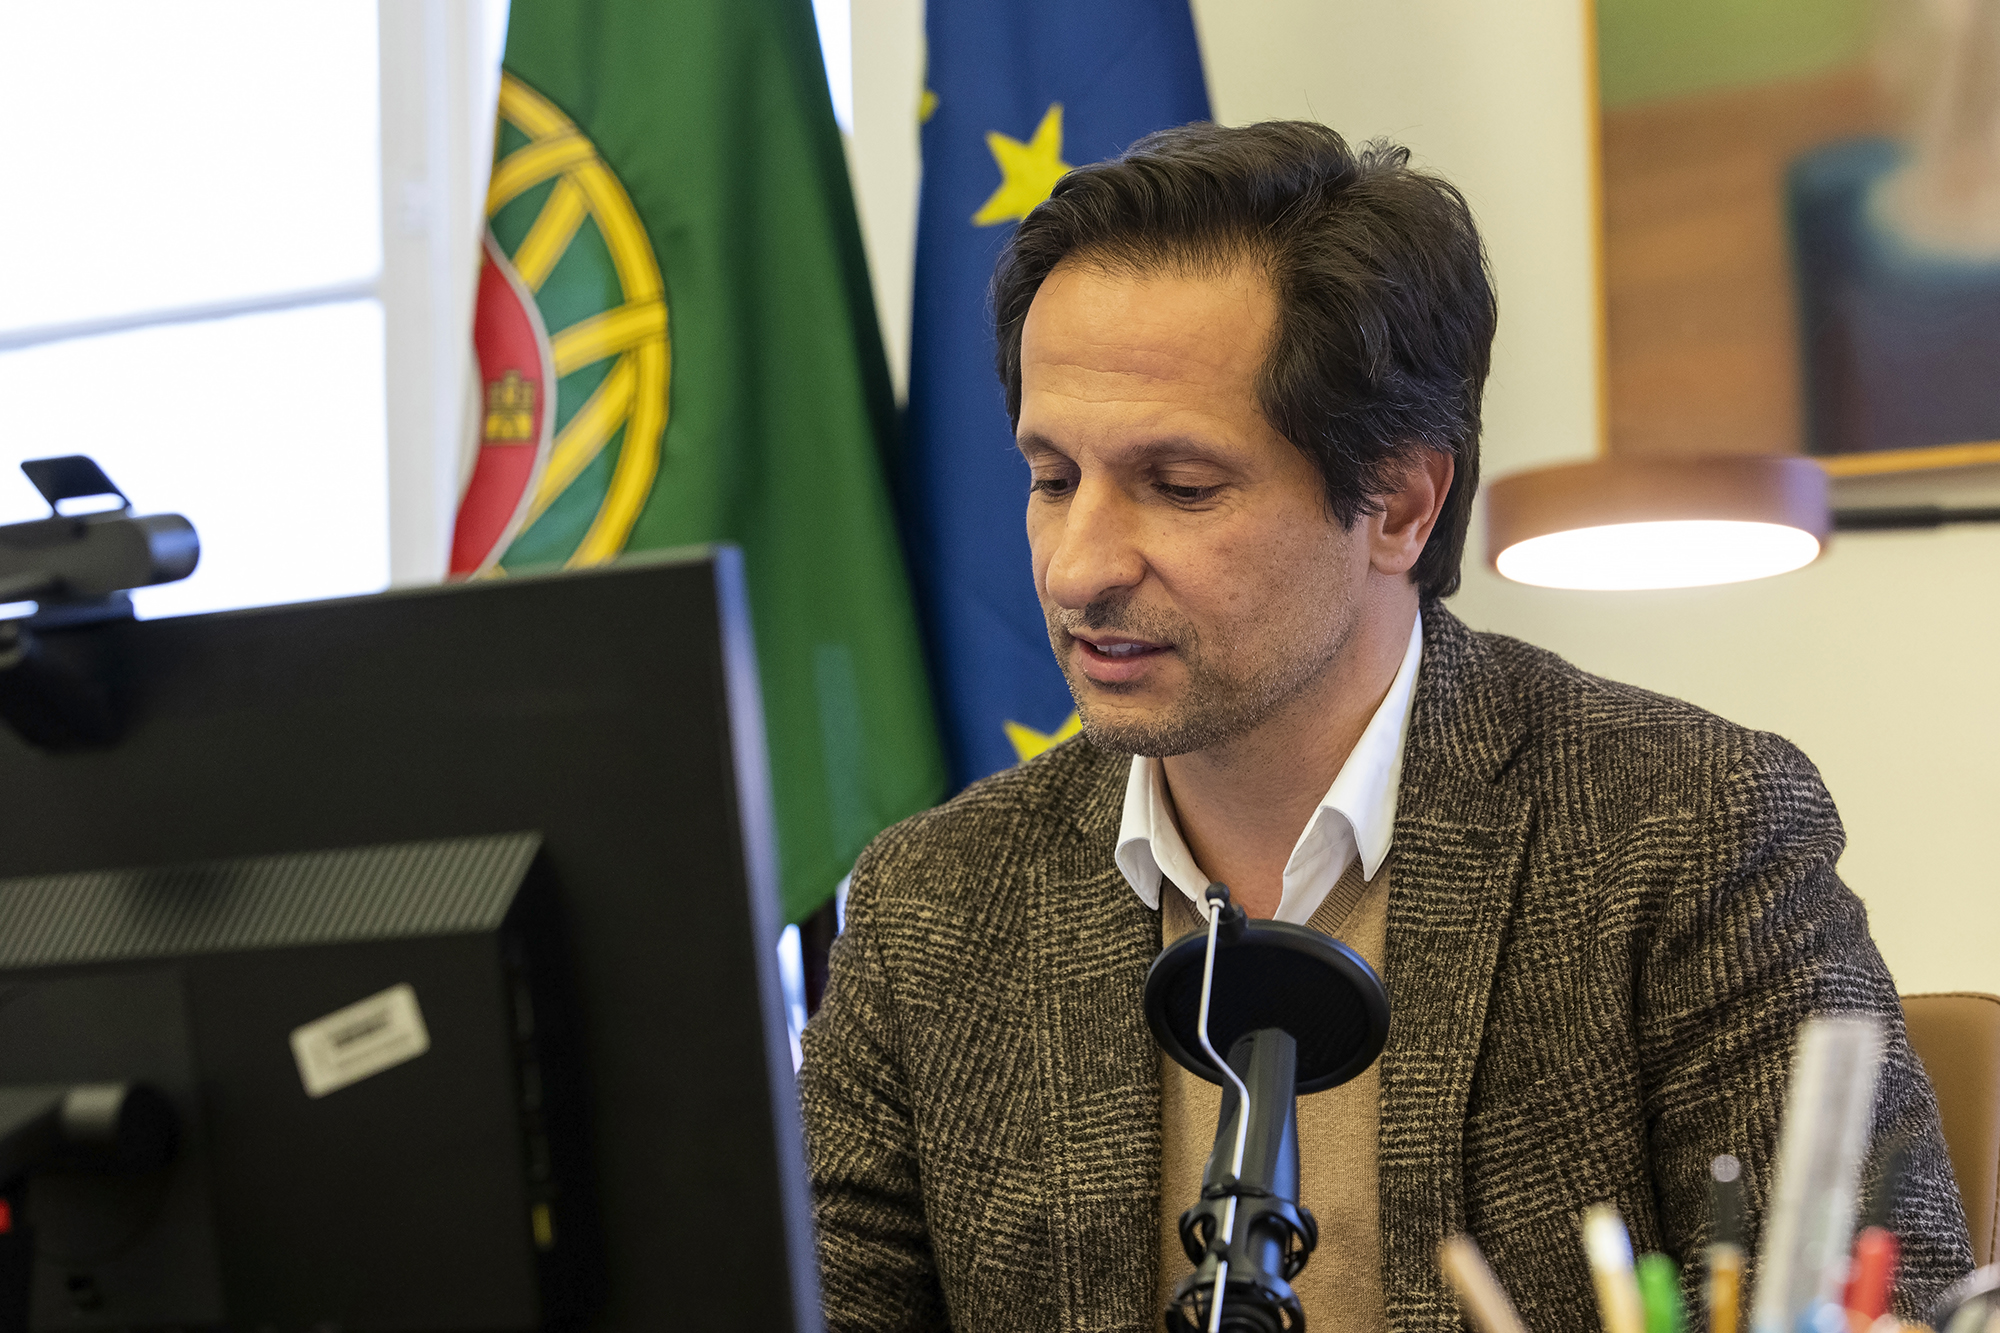 André Azevedo, Secretário de Estado da Transição Digital, em entrevista ao ECO - 11FEV21